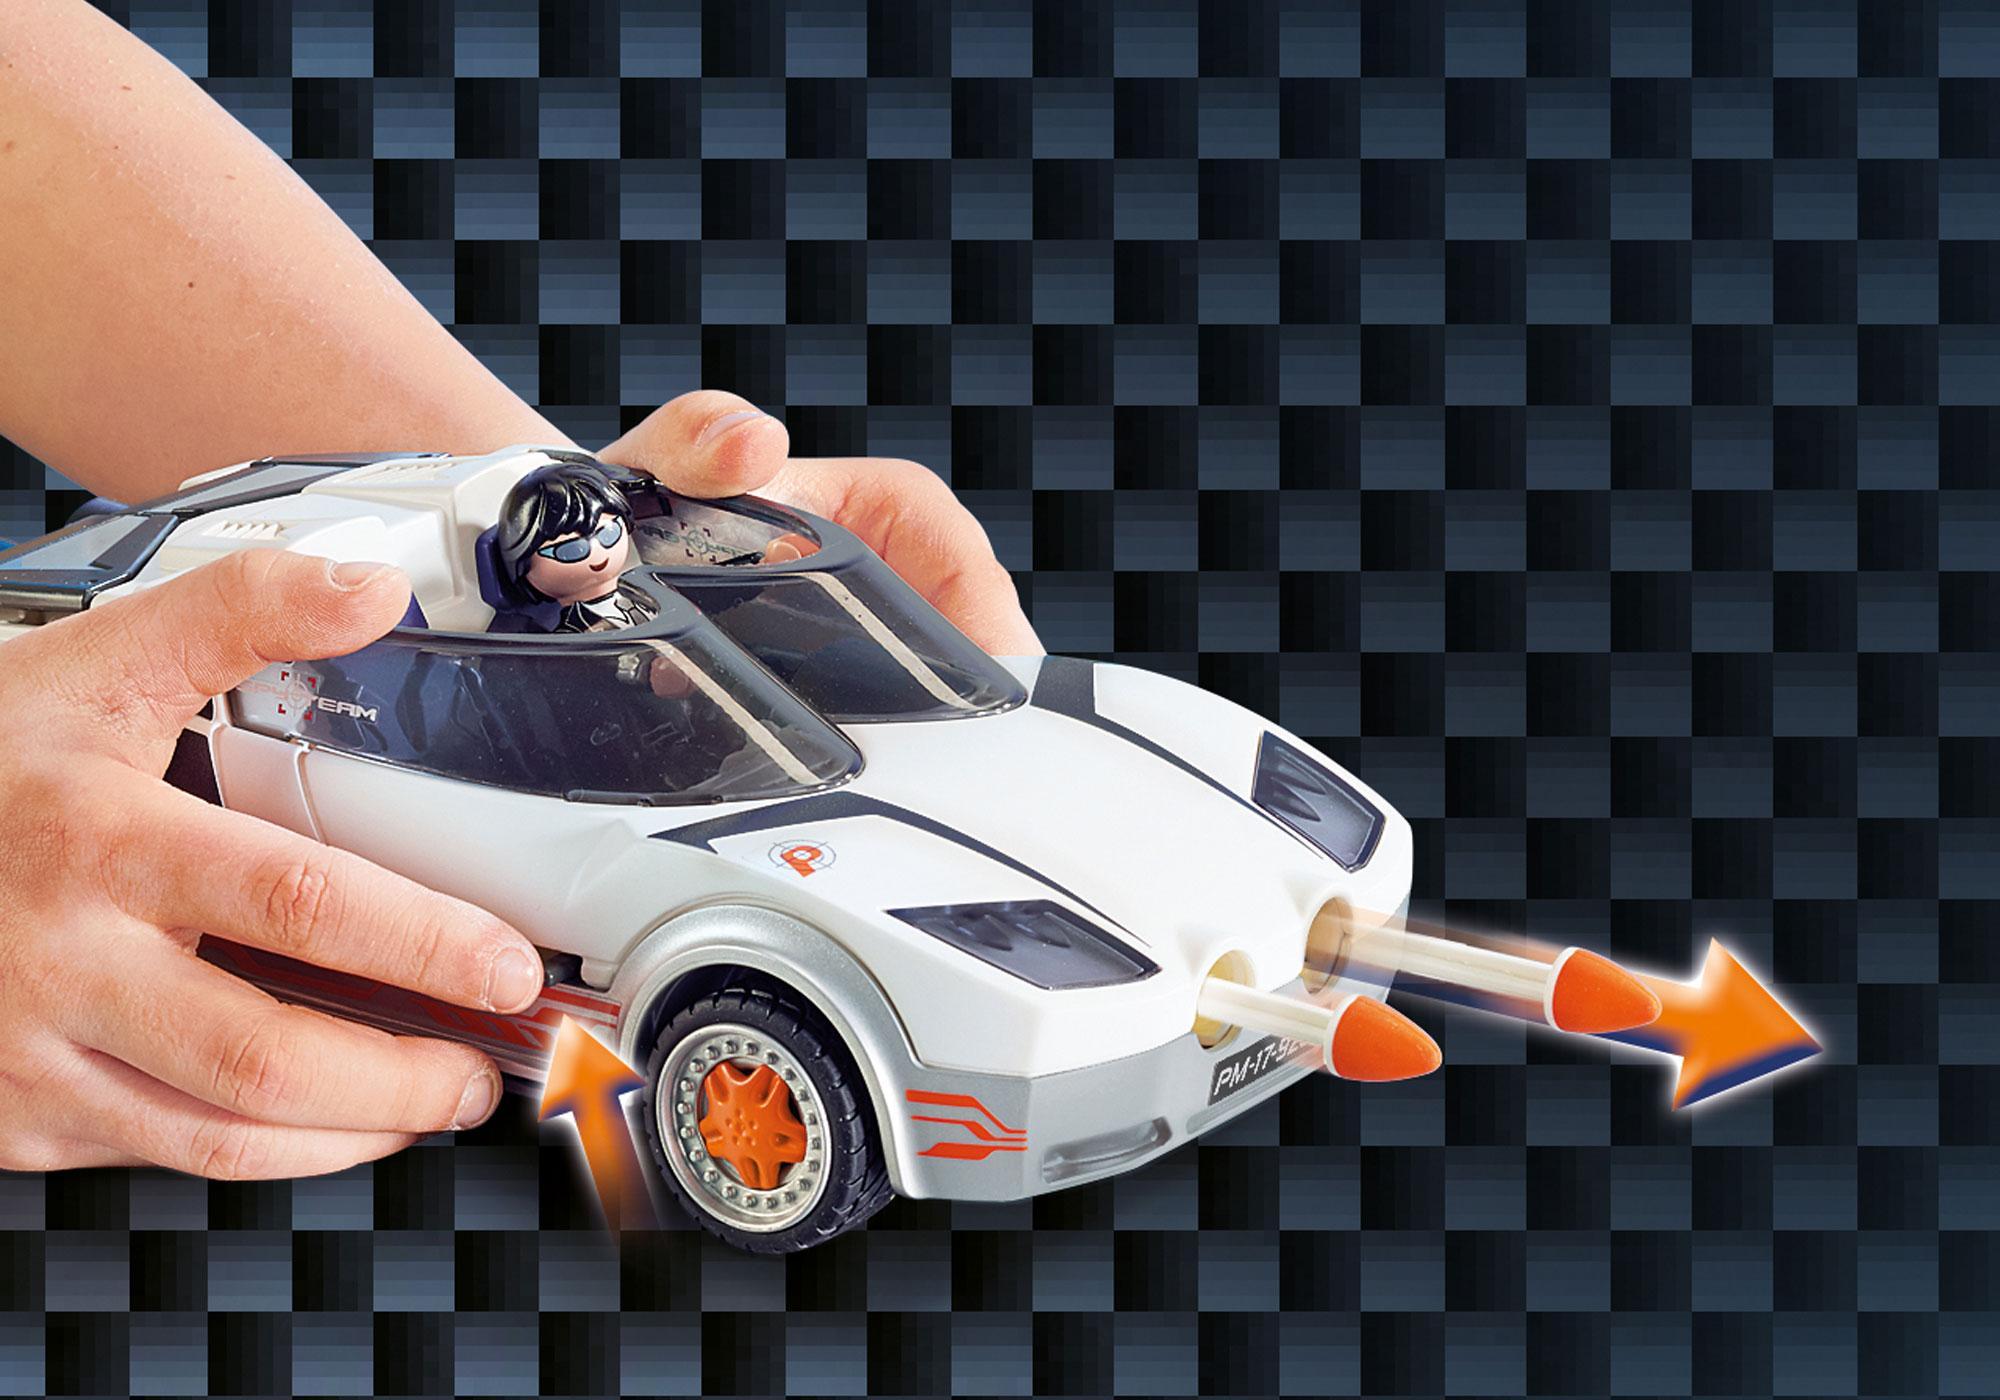 http://media.playmobil.com/i/playmobil/9252_product_extra3/Agente Secreto y Racer